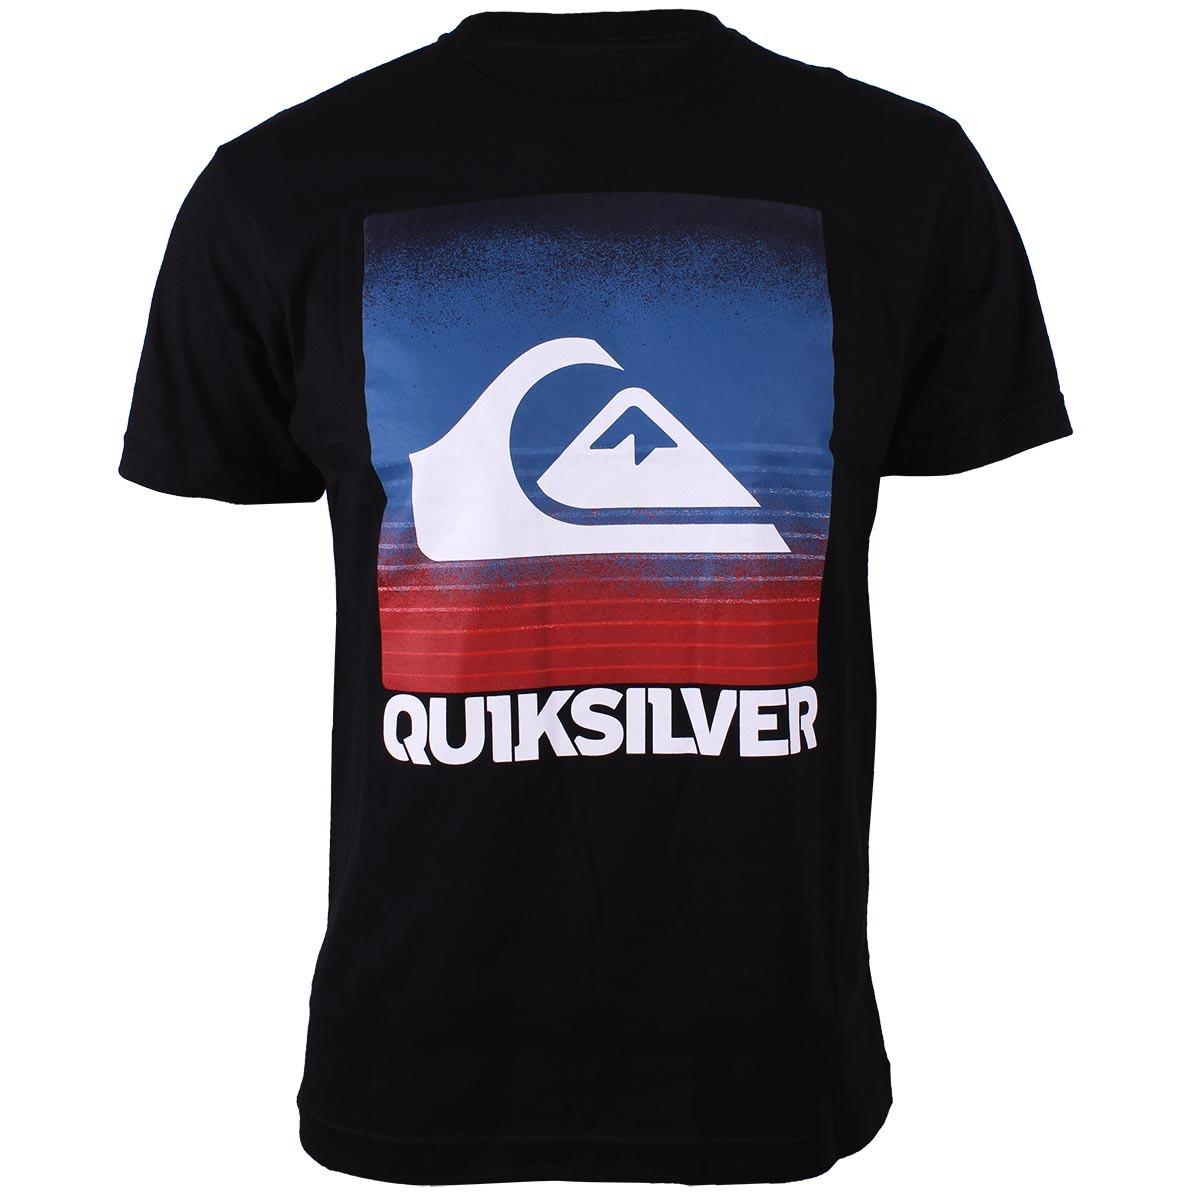 347c18a3f319c camiseta quiksilver ag47 preta. Carregando zoom.